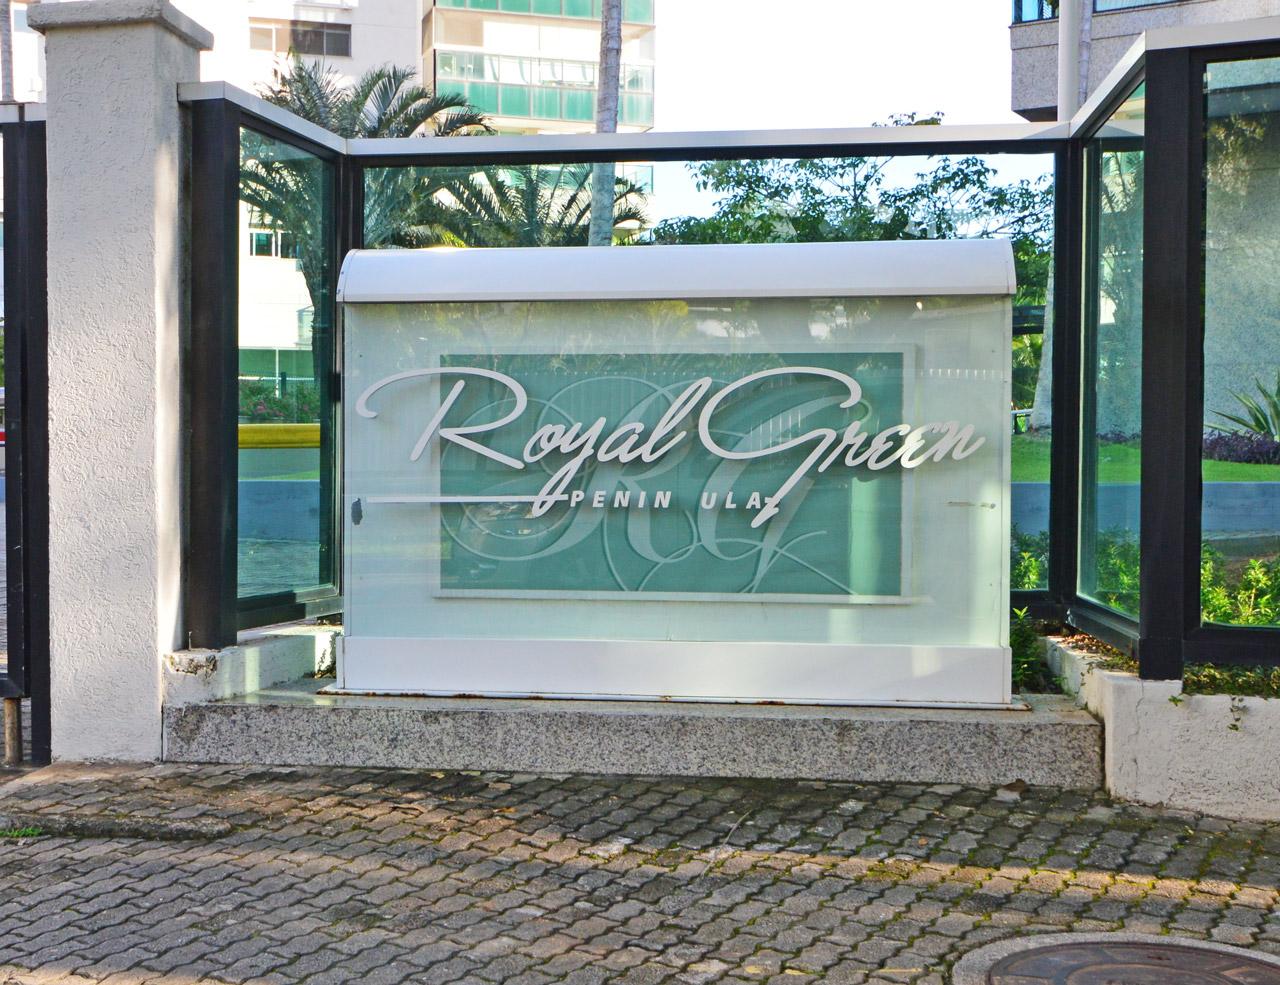 Península - Royal Green